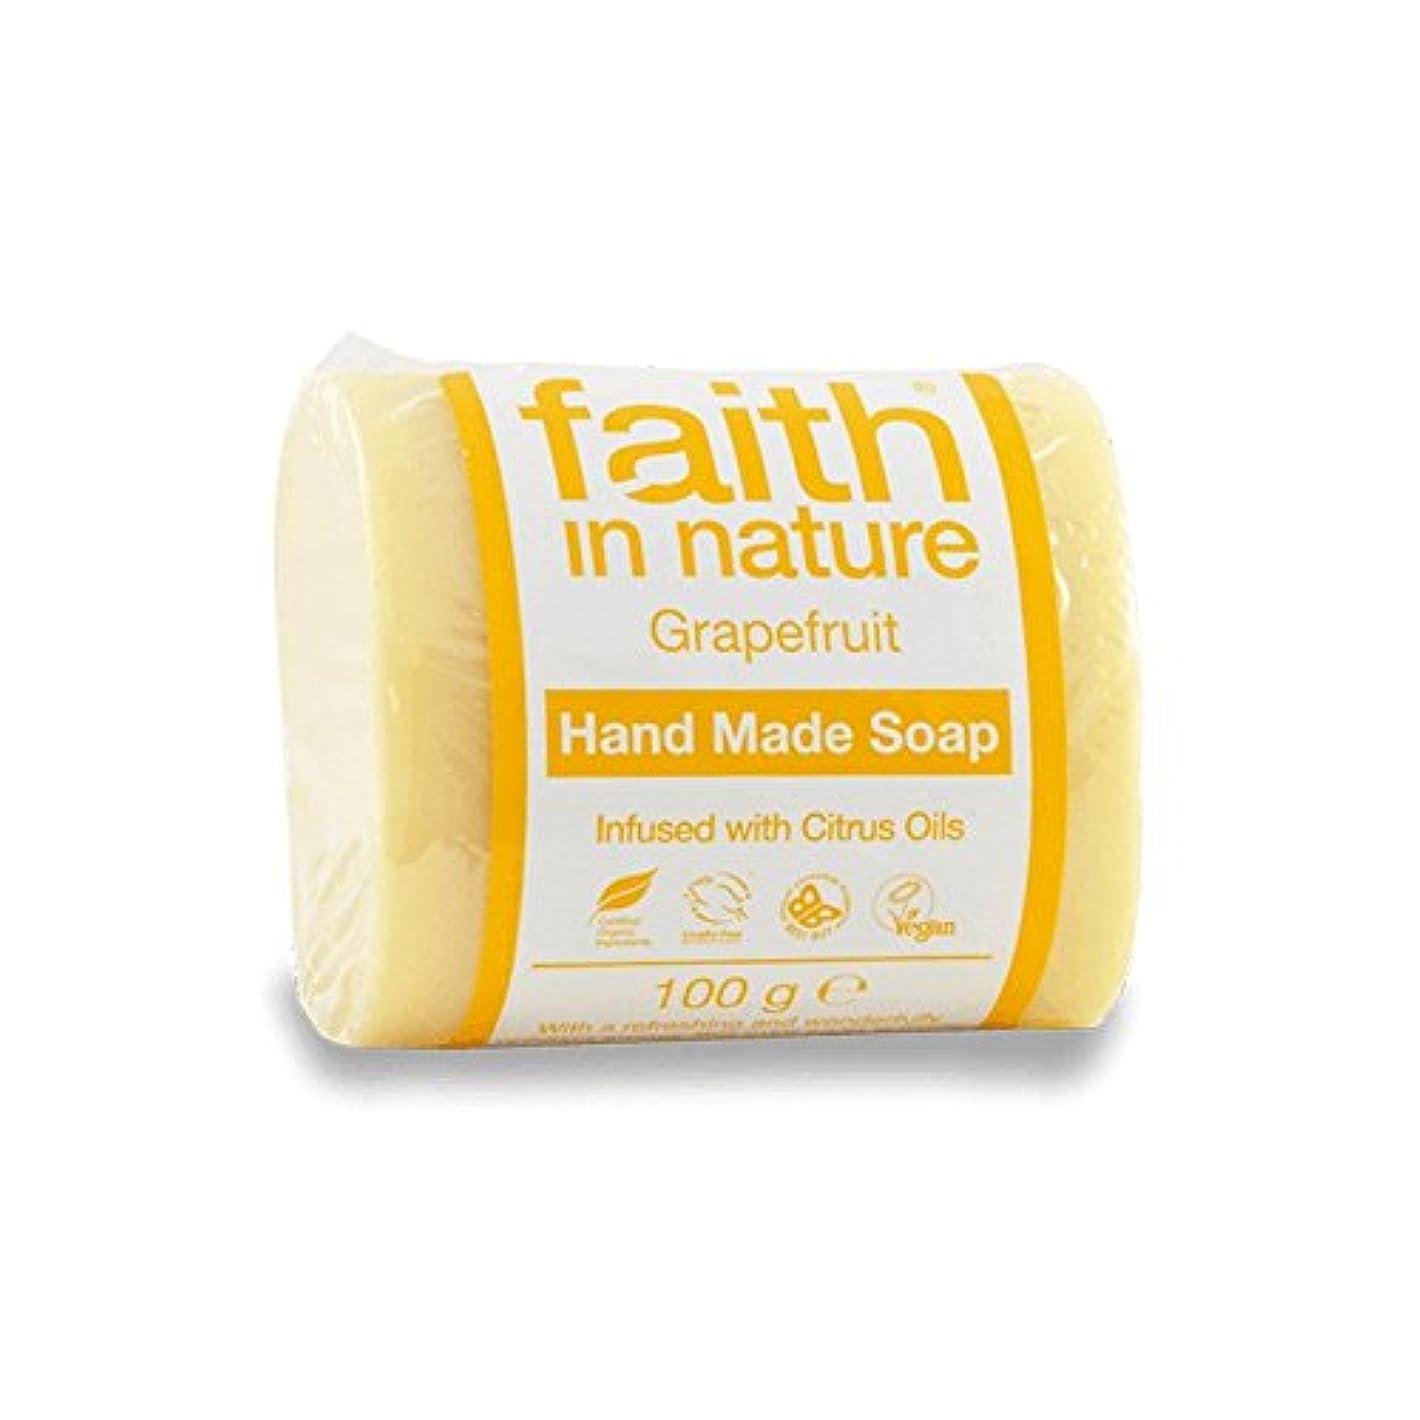 神話広がり厳しい自然グレープフルーツ石鹸100グラムの信仰 - Faith in Nature Grapefruit Soap 100g (Faith in Nature) [並行輸入品]